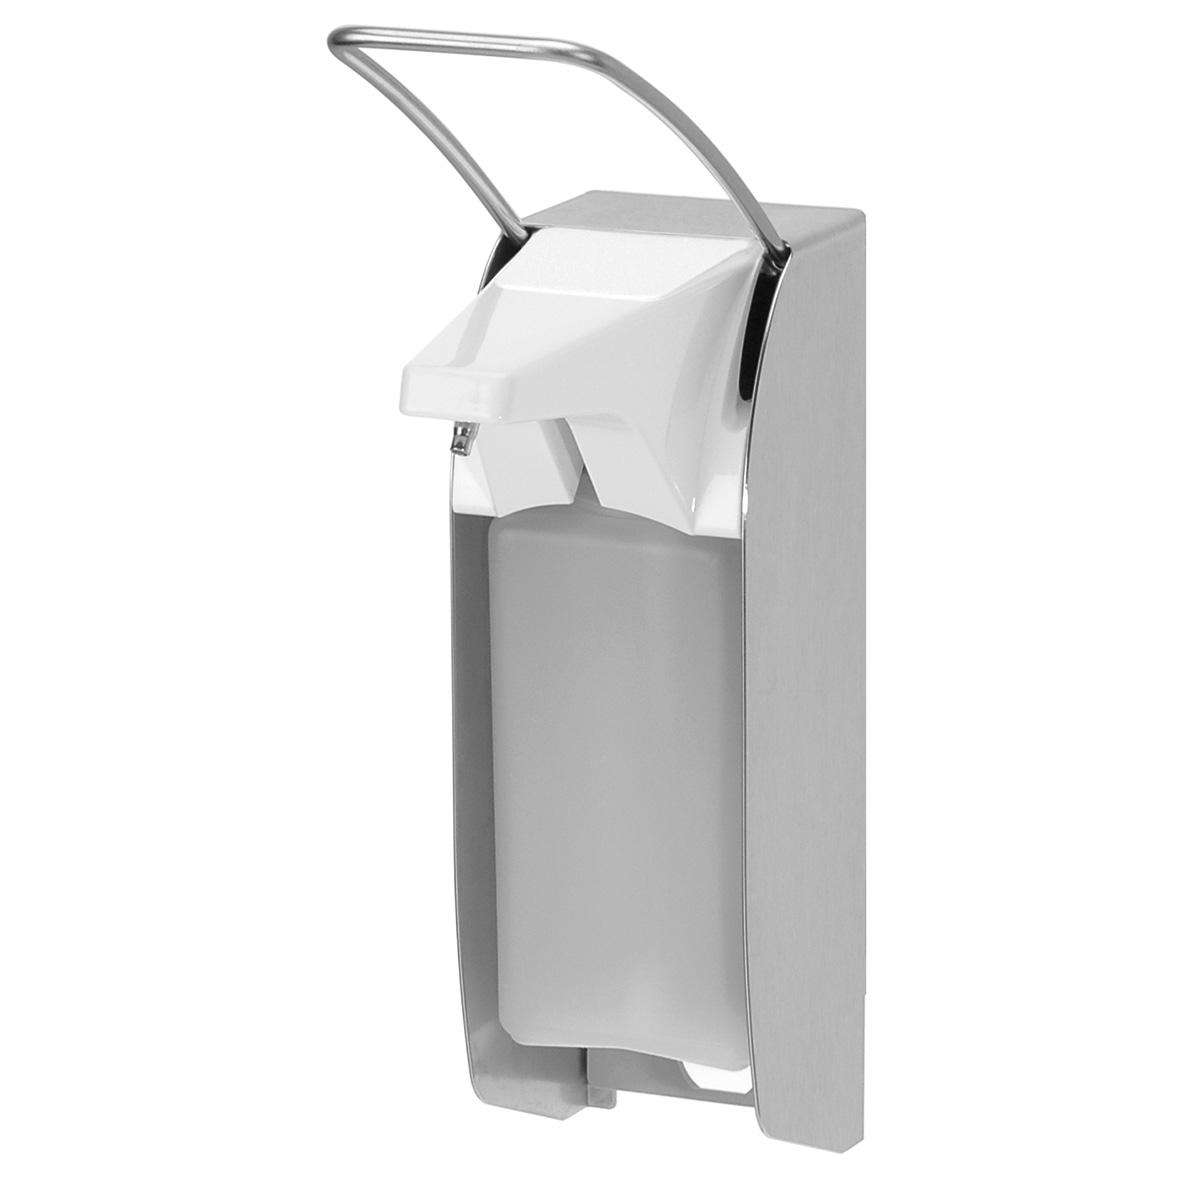 Seifen- und Handcreme-Spender manuell, ArtNr.: SEIS_IMPTH